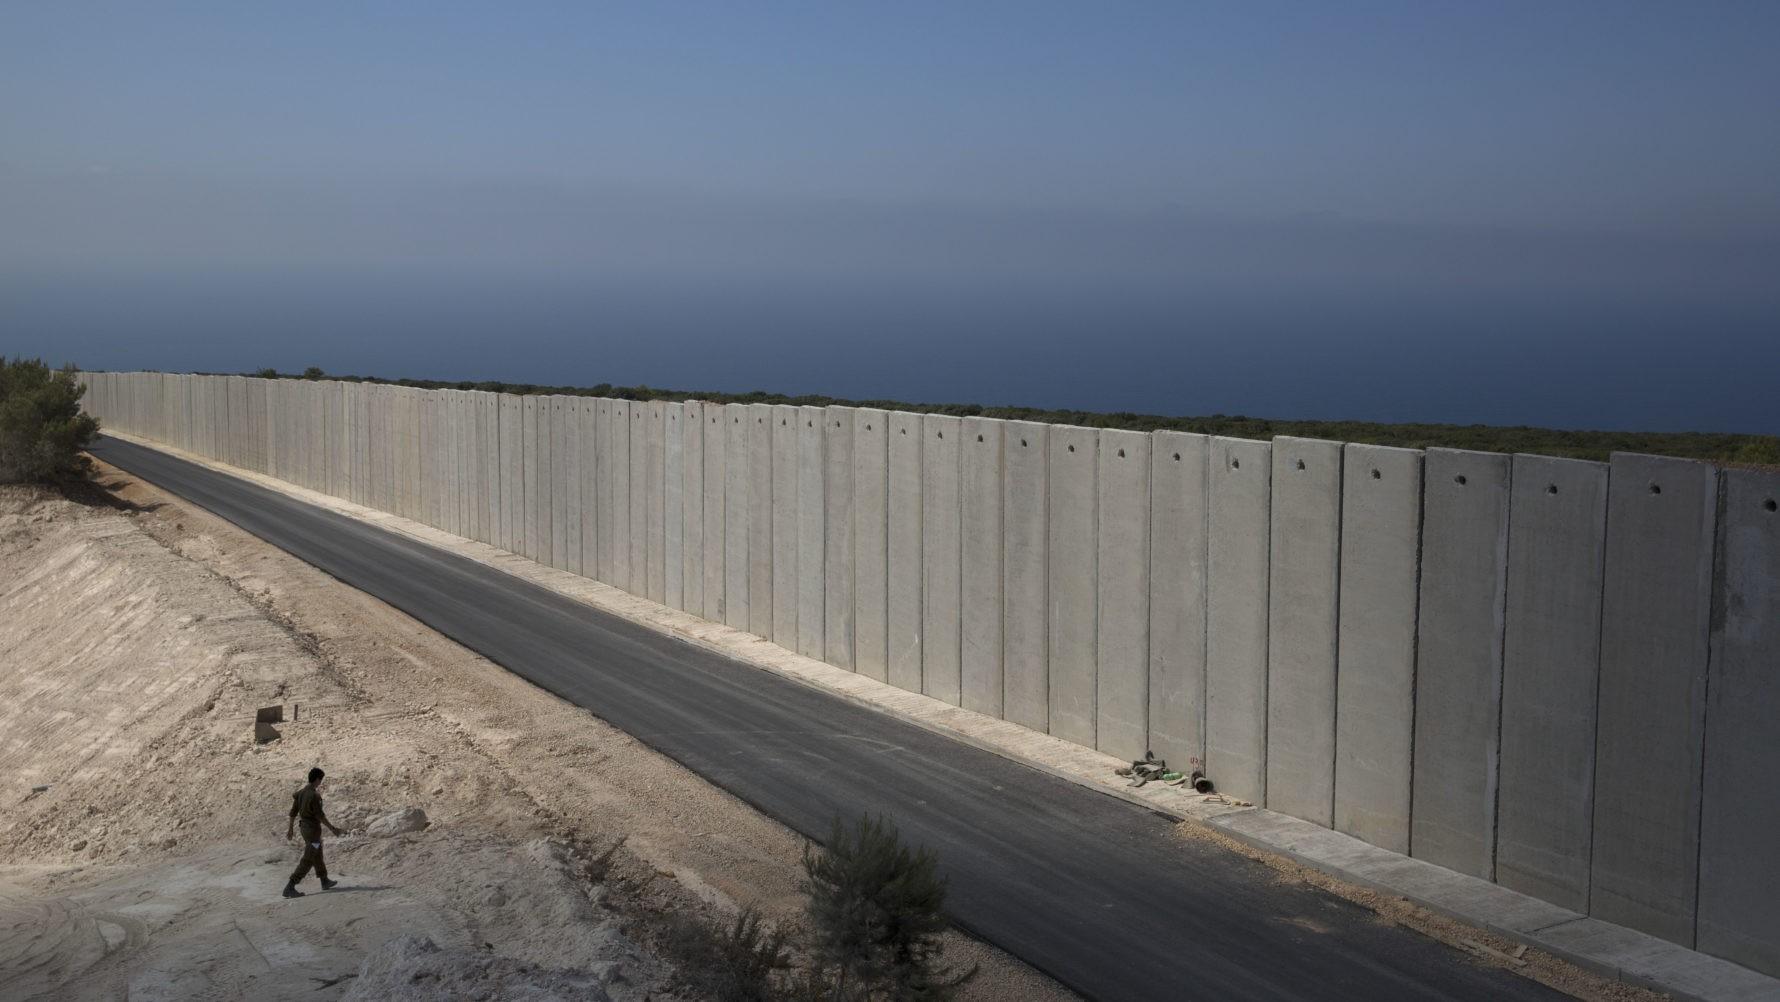 الجدار الإسرائيلي على الحدود اللبنانية (أ ب)